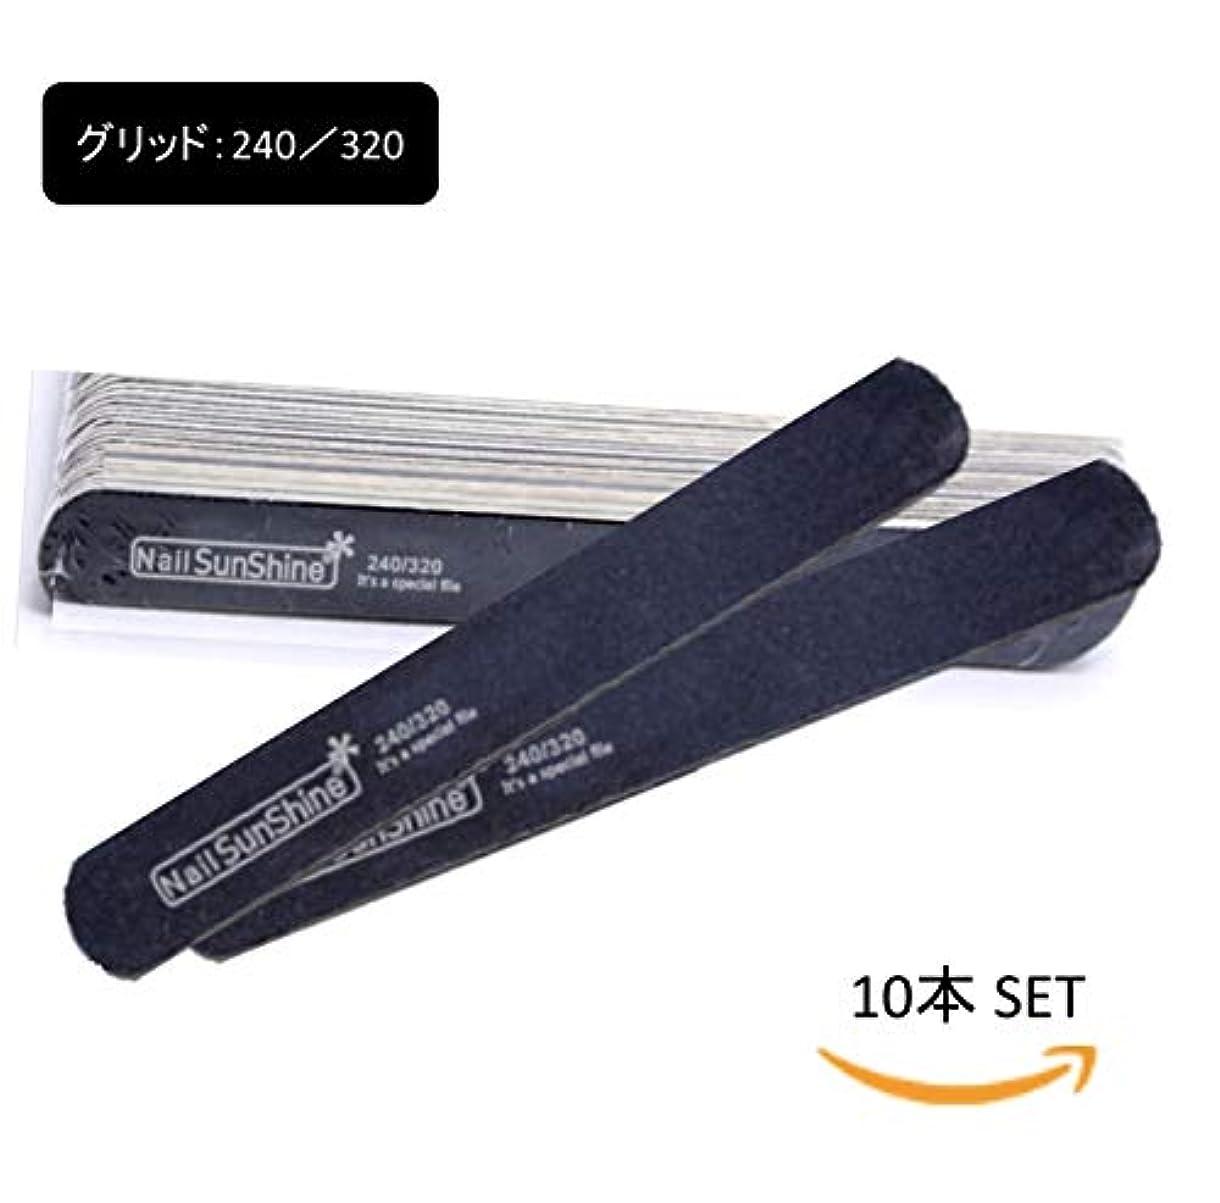 パンフレット味付け召喚するBEATON JAPAN 爪やすり ネイルファイル エメリーボード アクリルファイル 100/150 180/240 240/320 10本セット ジェルオフ (240/320)